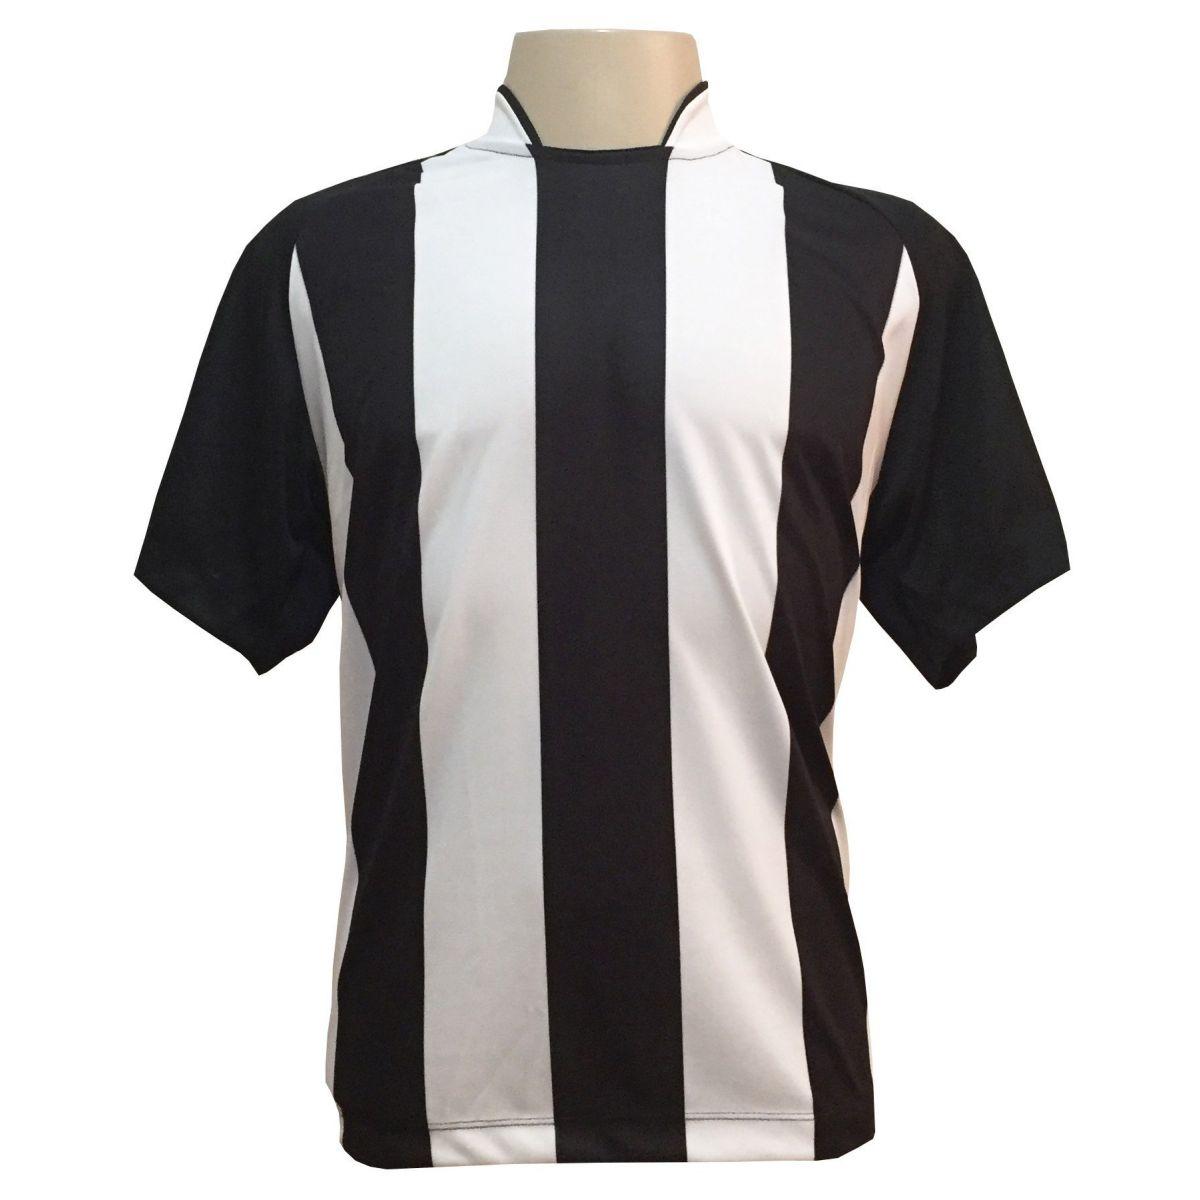 Uniforme Esportivo com 18 camisas modelo Milan Preto/Branco + 18 calções modelo Madrid Preto + Brindes